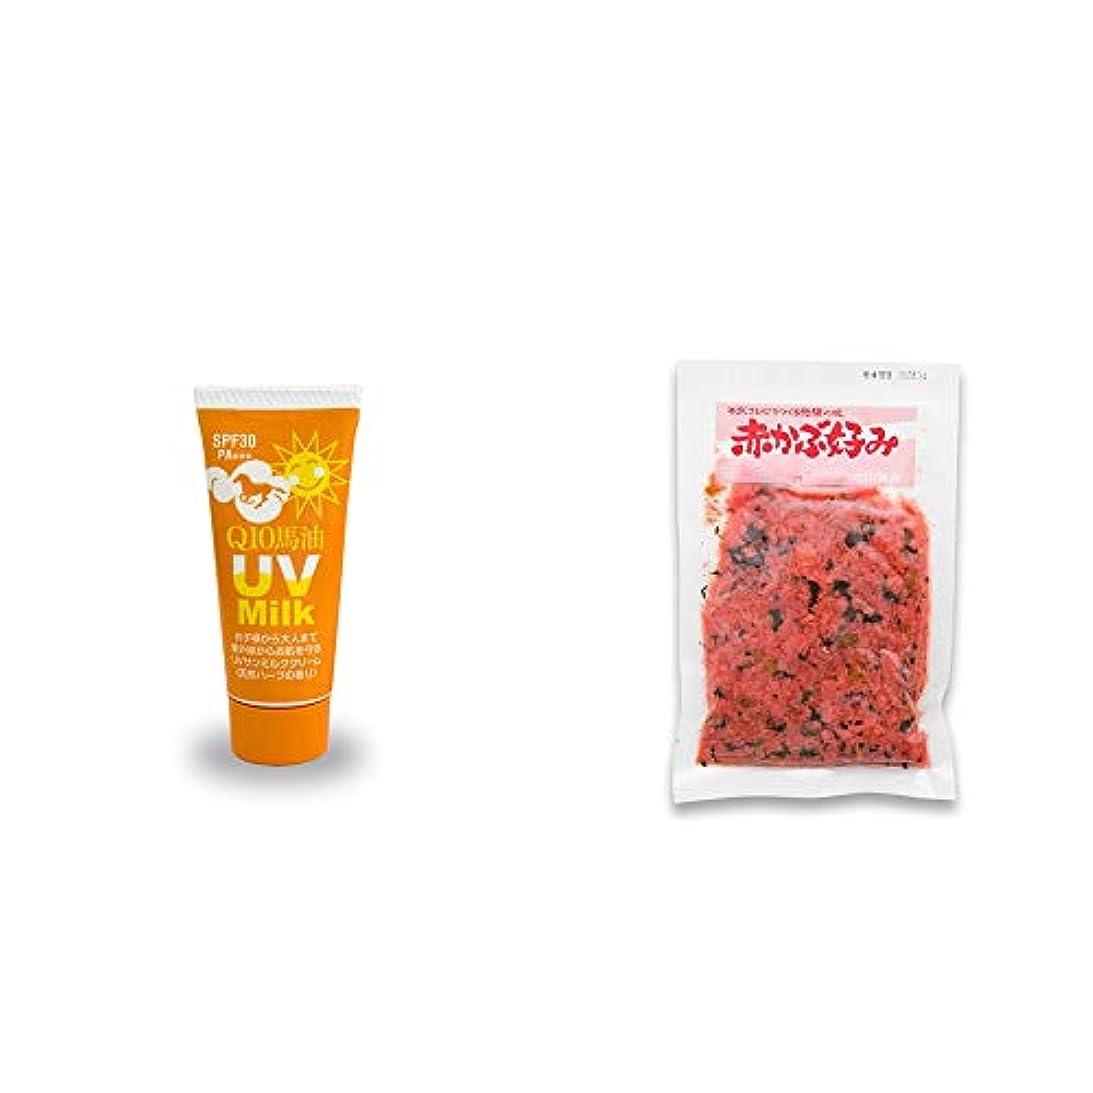 噴火臭い港[2点セット] 炭黒泉 Q10馬油 UVサンミルク[天然ハーブ](40g)?赤かぶ好み(150g)